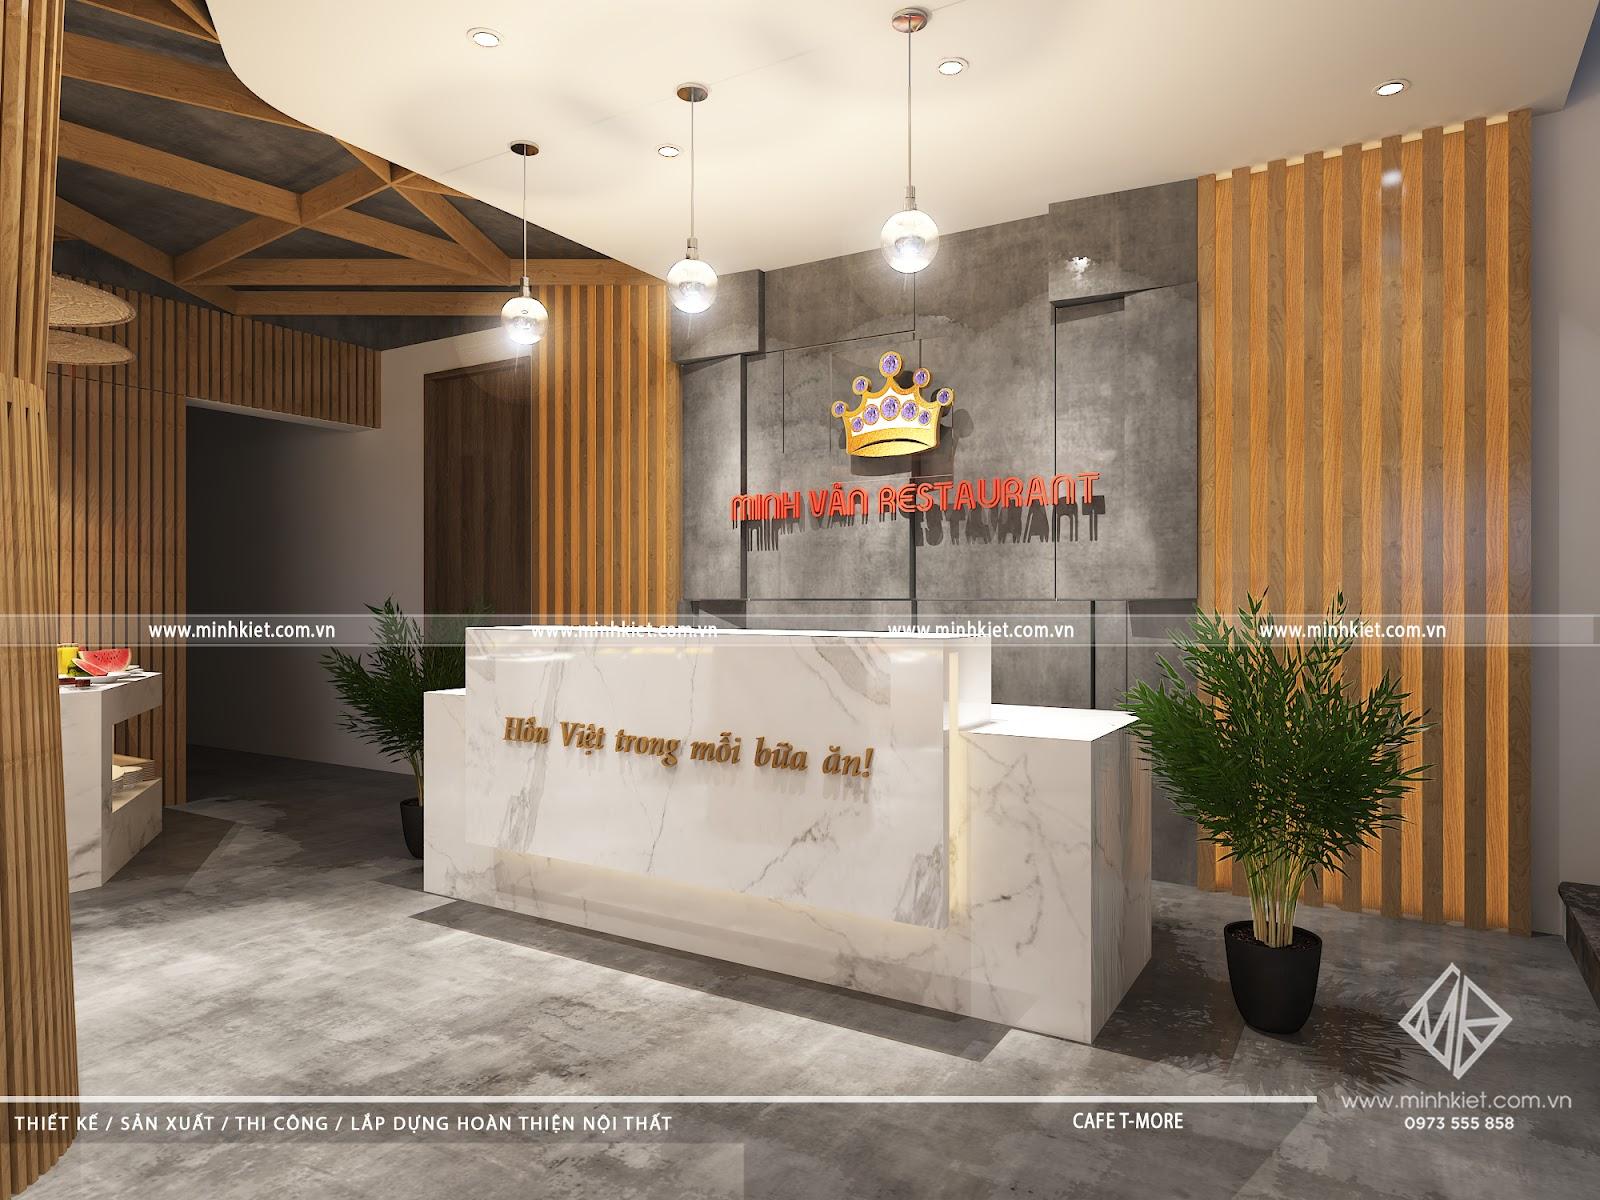 Thiết kế nhà hàng đẹp hút khách – Những mẫu thiết kế nhà hàng cao cấp, sang trọng nhất 2021